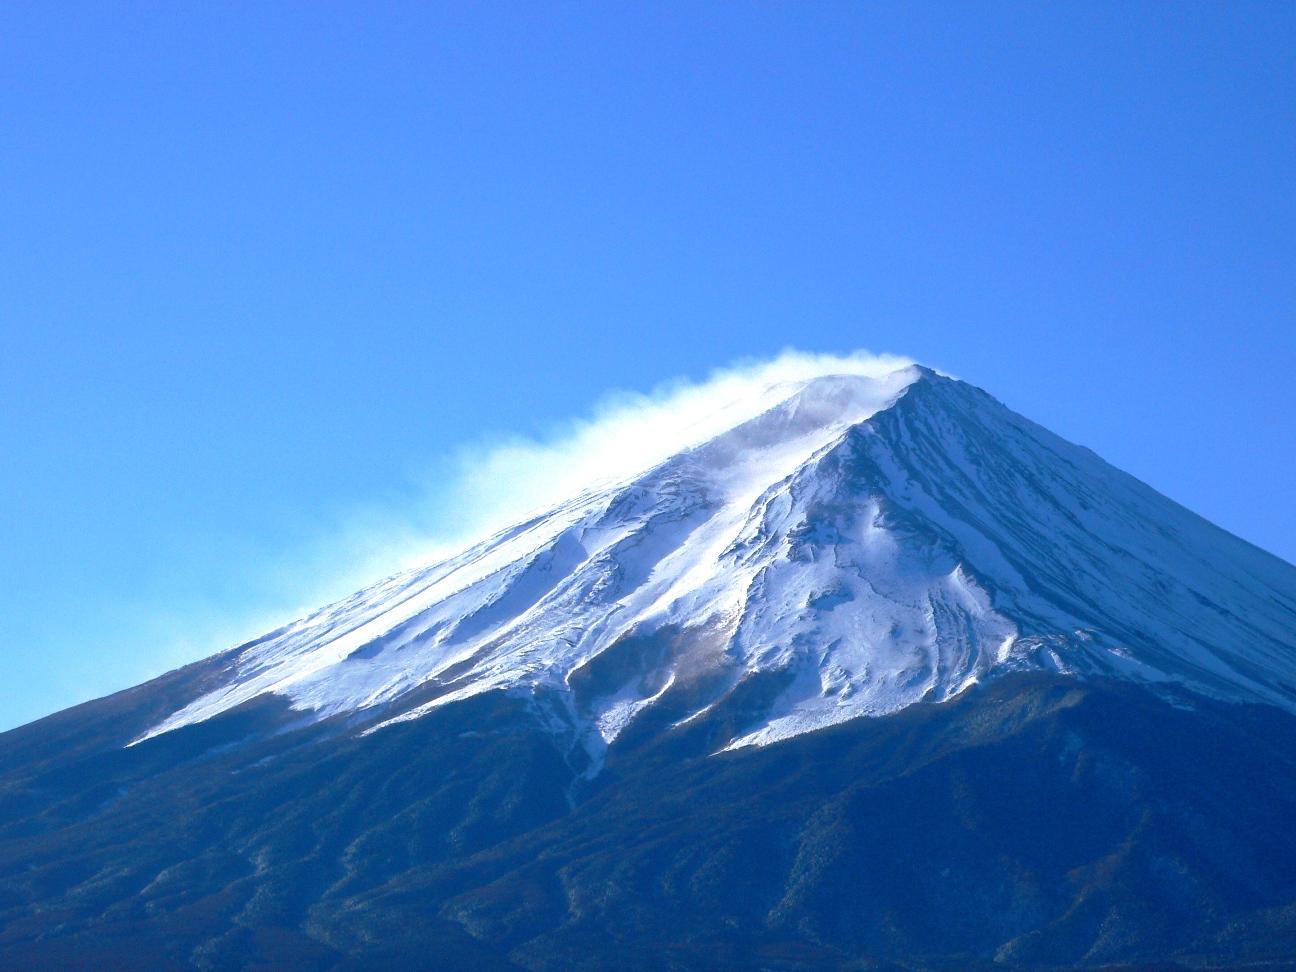 湖山亭うぶや 365日毎日富士山